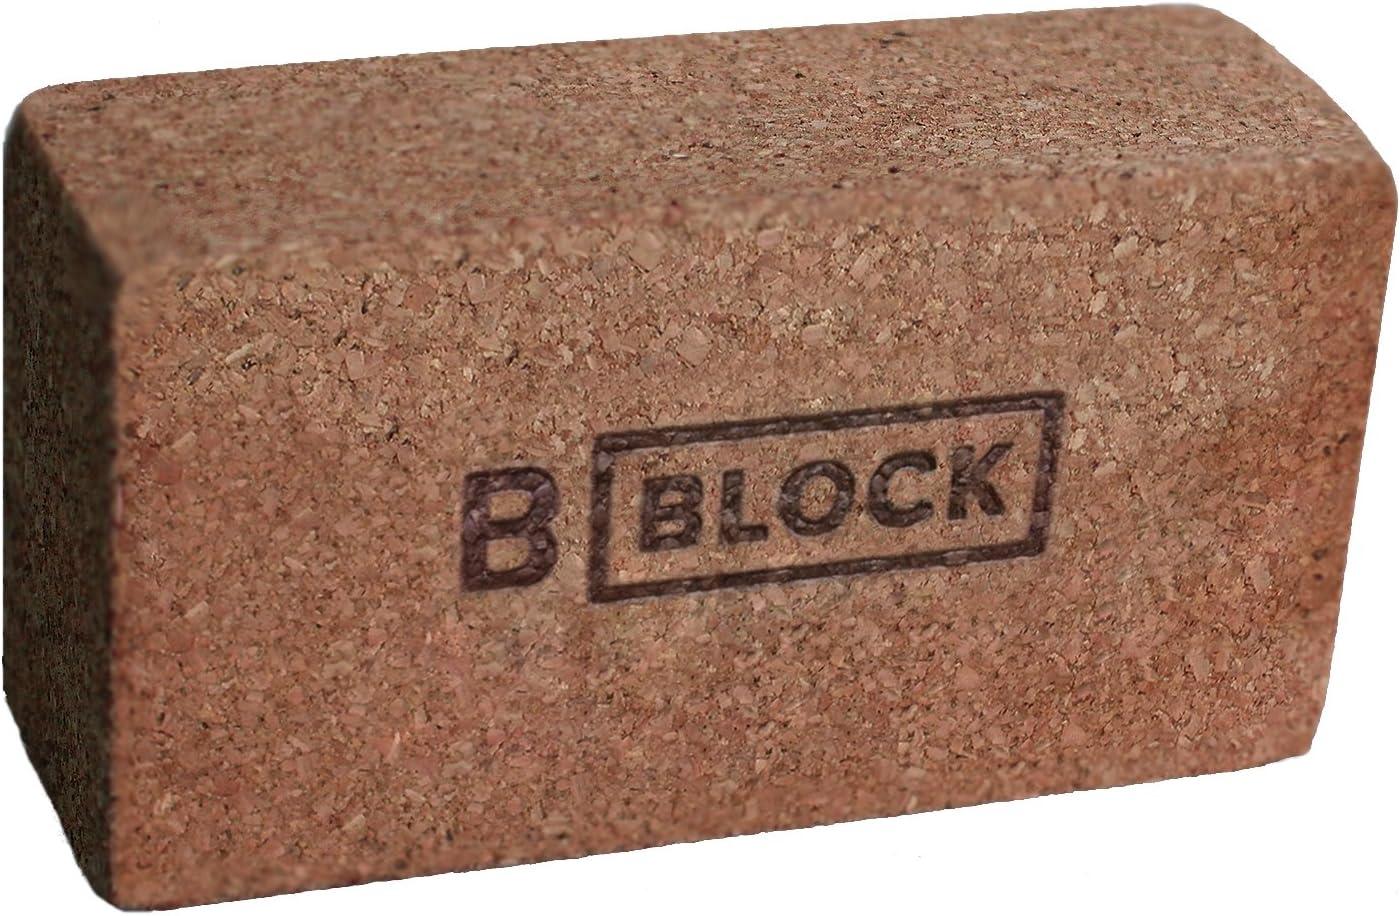 Amazon.com : B YOGA B Block Block Yoga Block, Cork, 3 ...